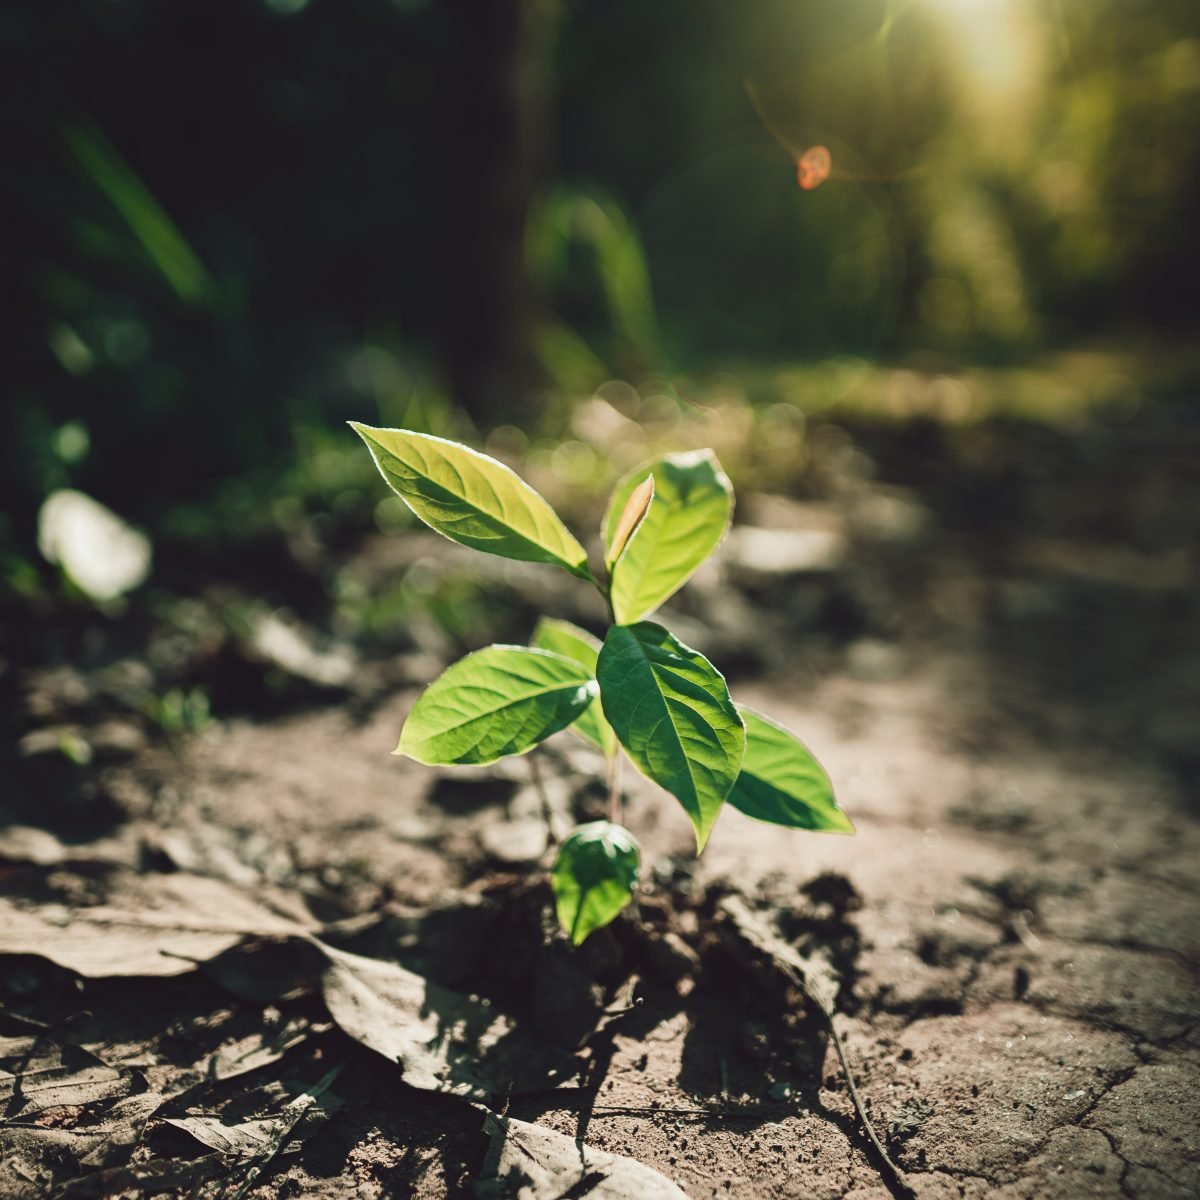 Pflanzenwachstum in der Erde